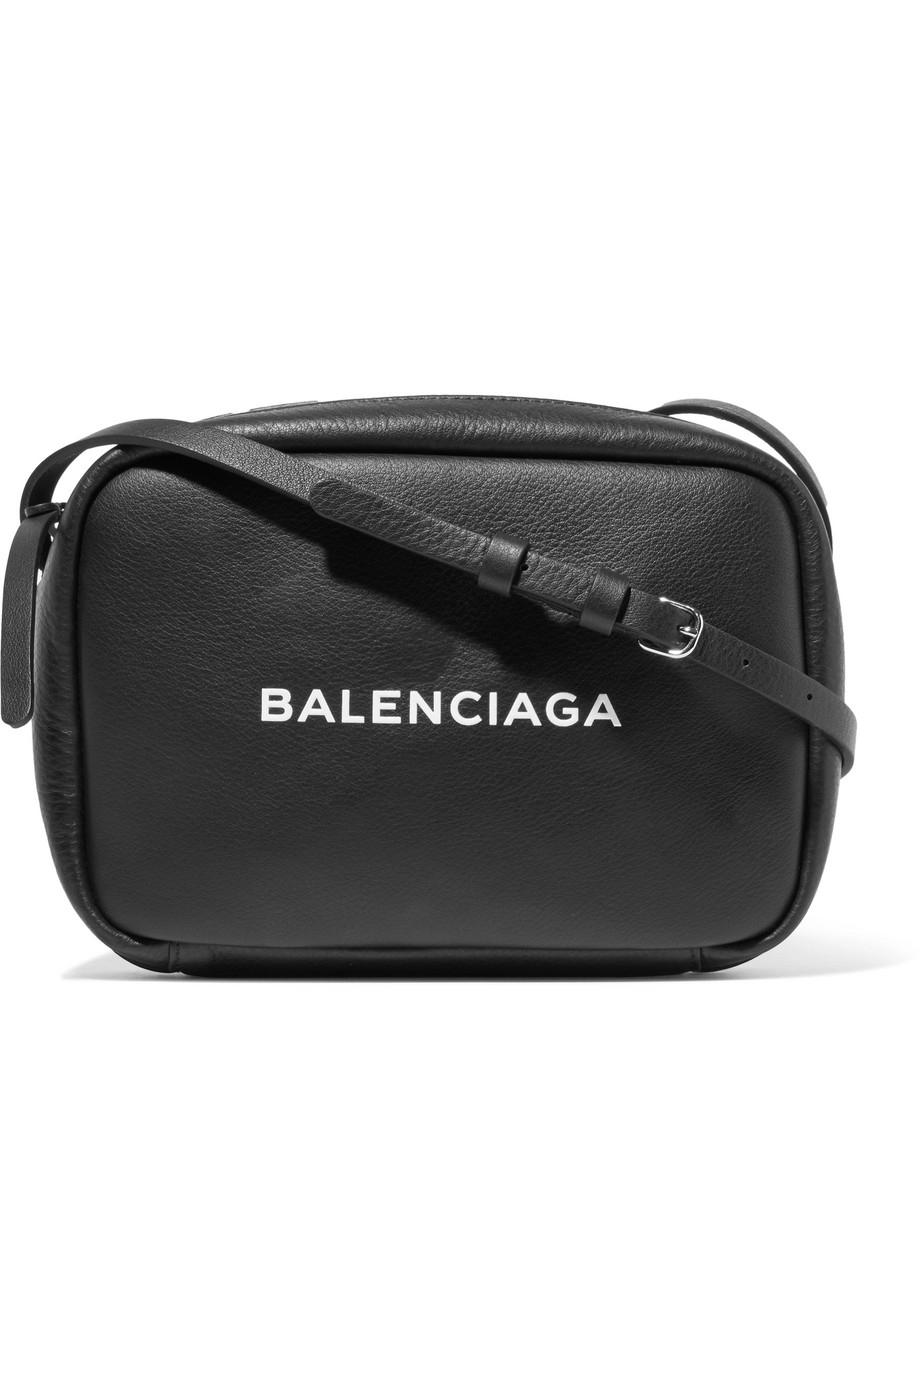 秀出Logo才叫時髦!孫芸芸曬新愛包,Balenciaga Everyday Logo Line系列再掀黑白風潮